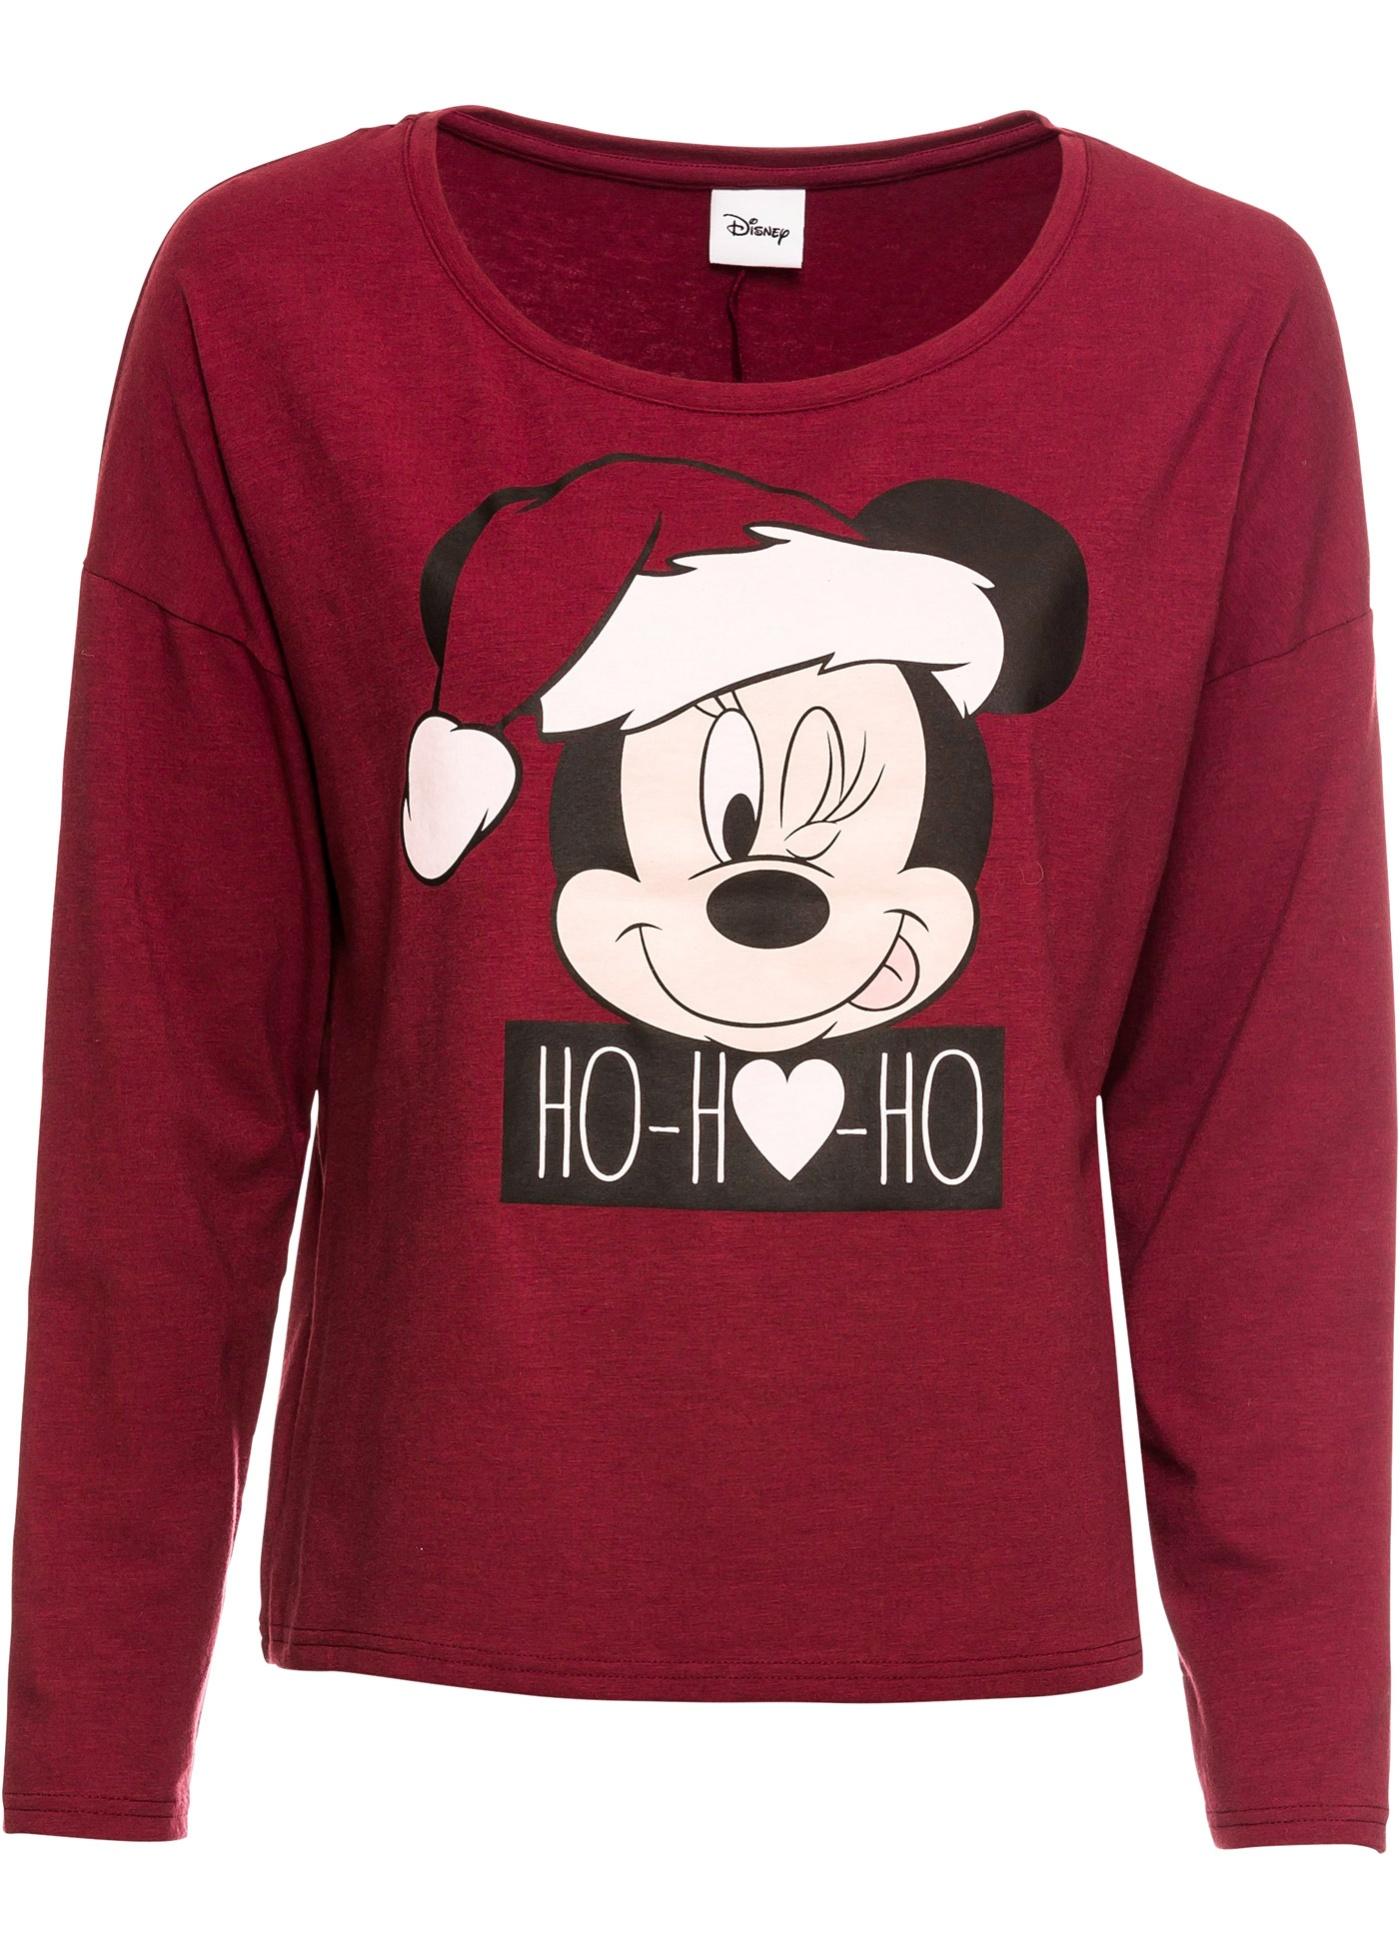 Maglia a maniche lunghe con Mickey Mouse (Rosso) - Disney